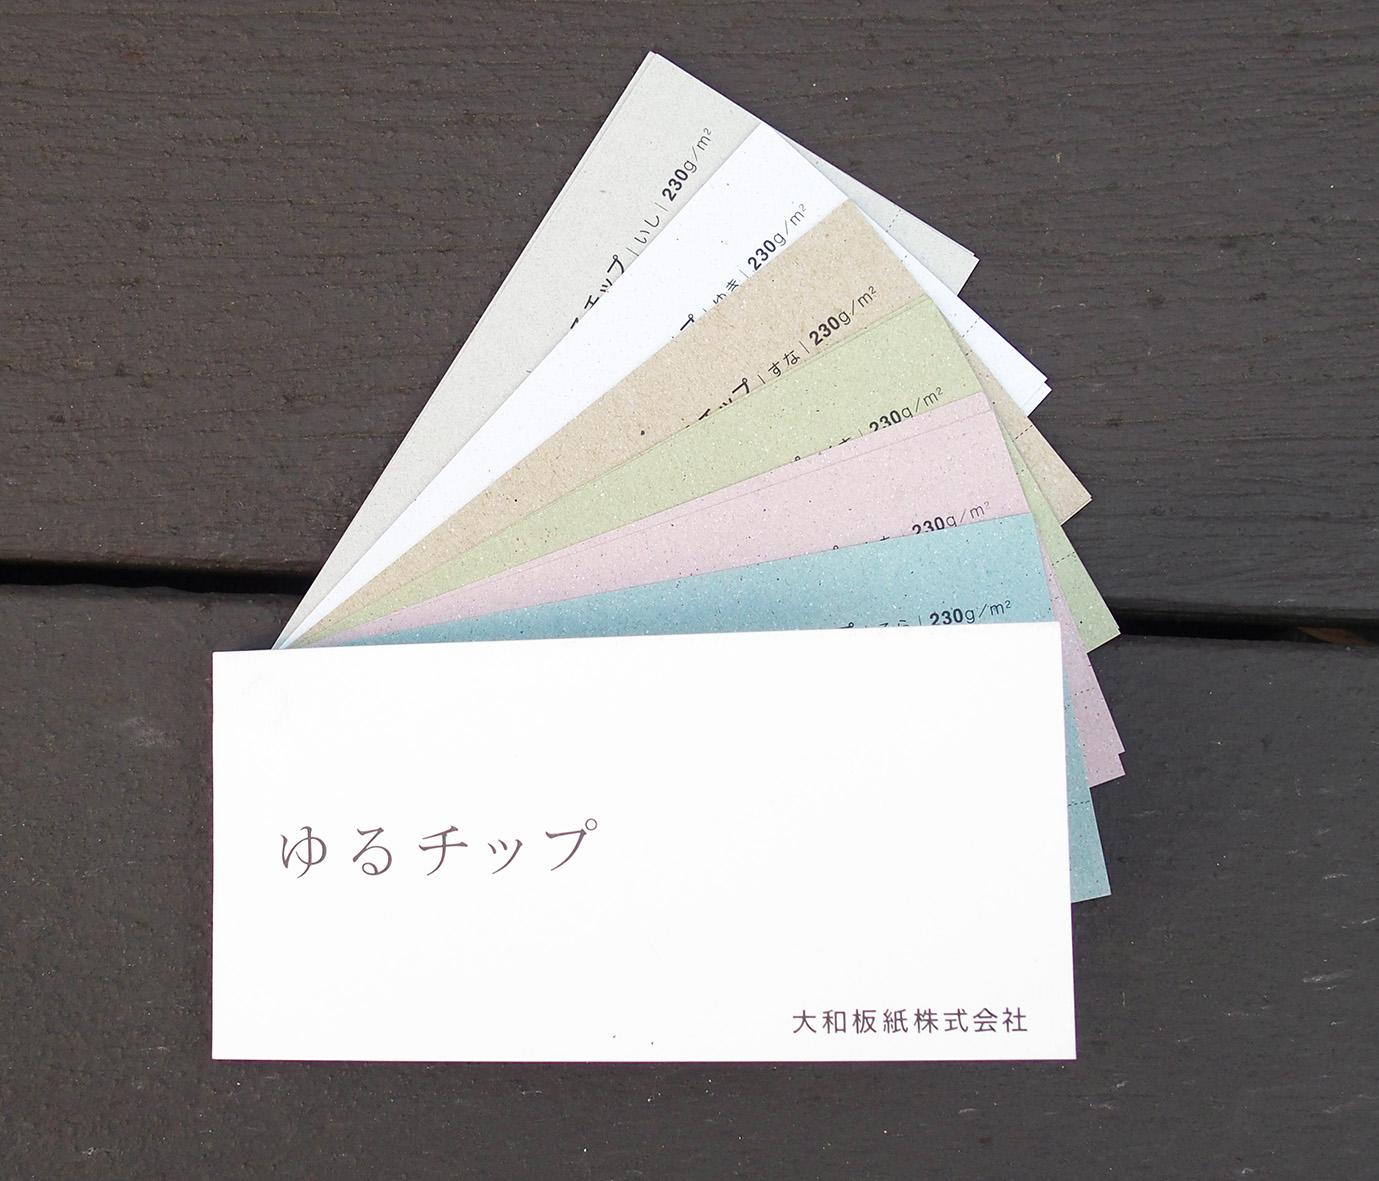 『デザインのひきだし30』発売中!_c0207090_17451762.jpg